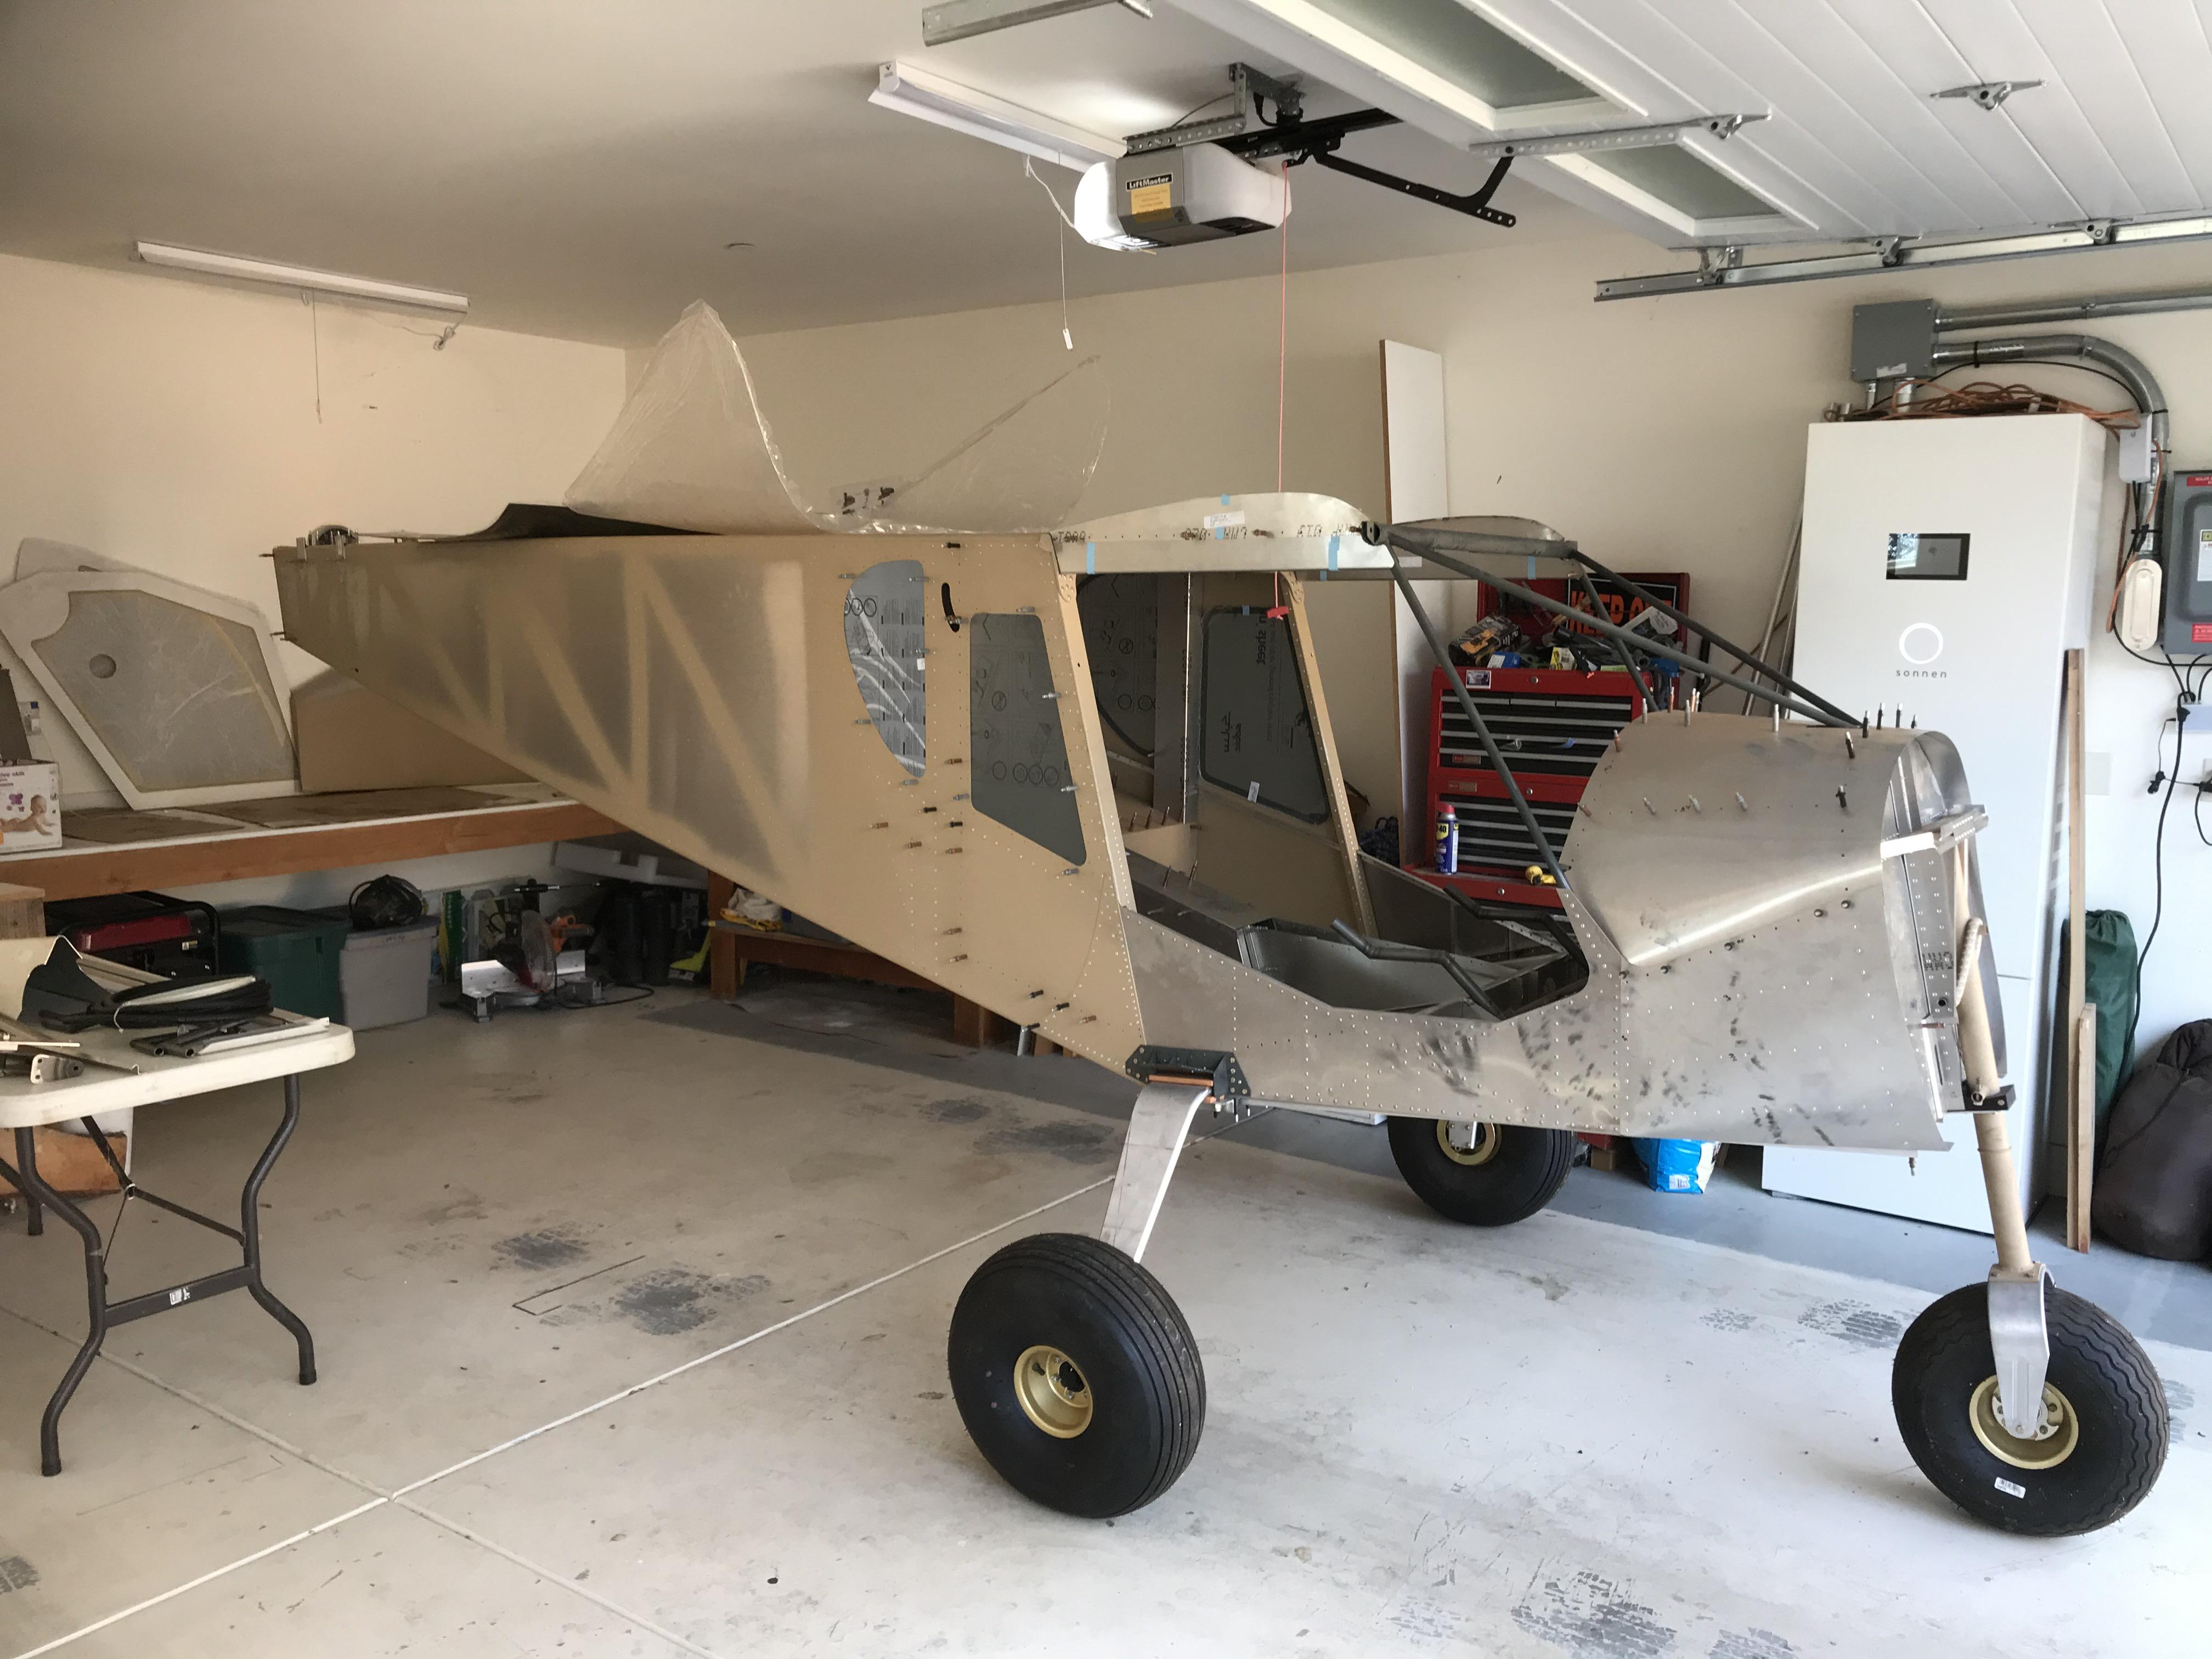 750 my garage 09-26-20